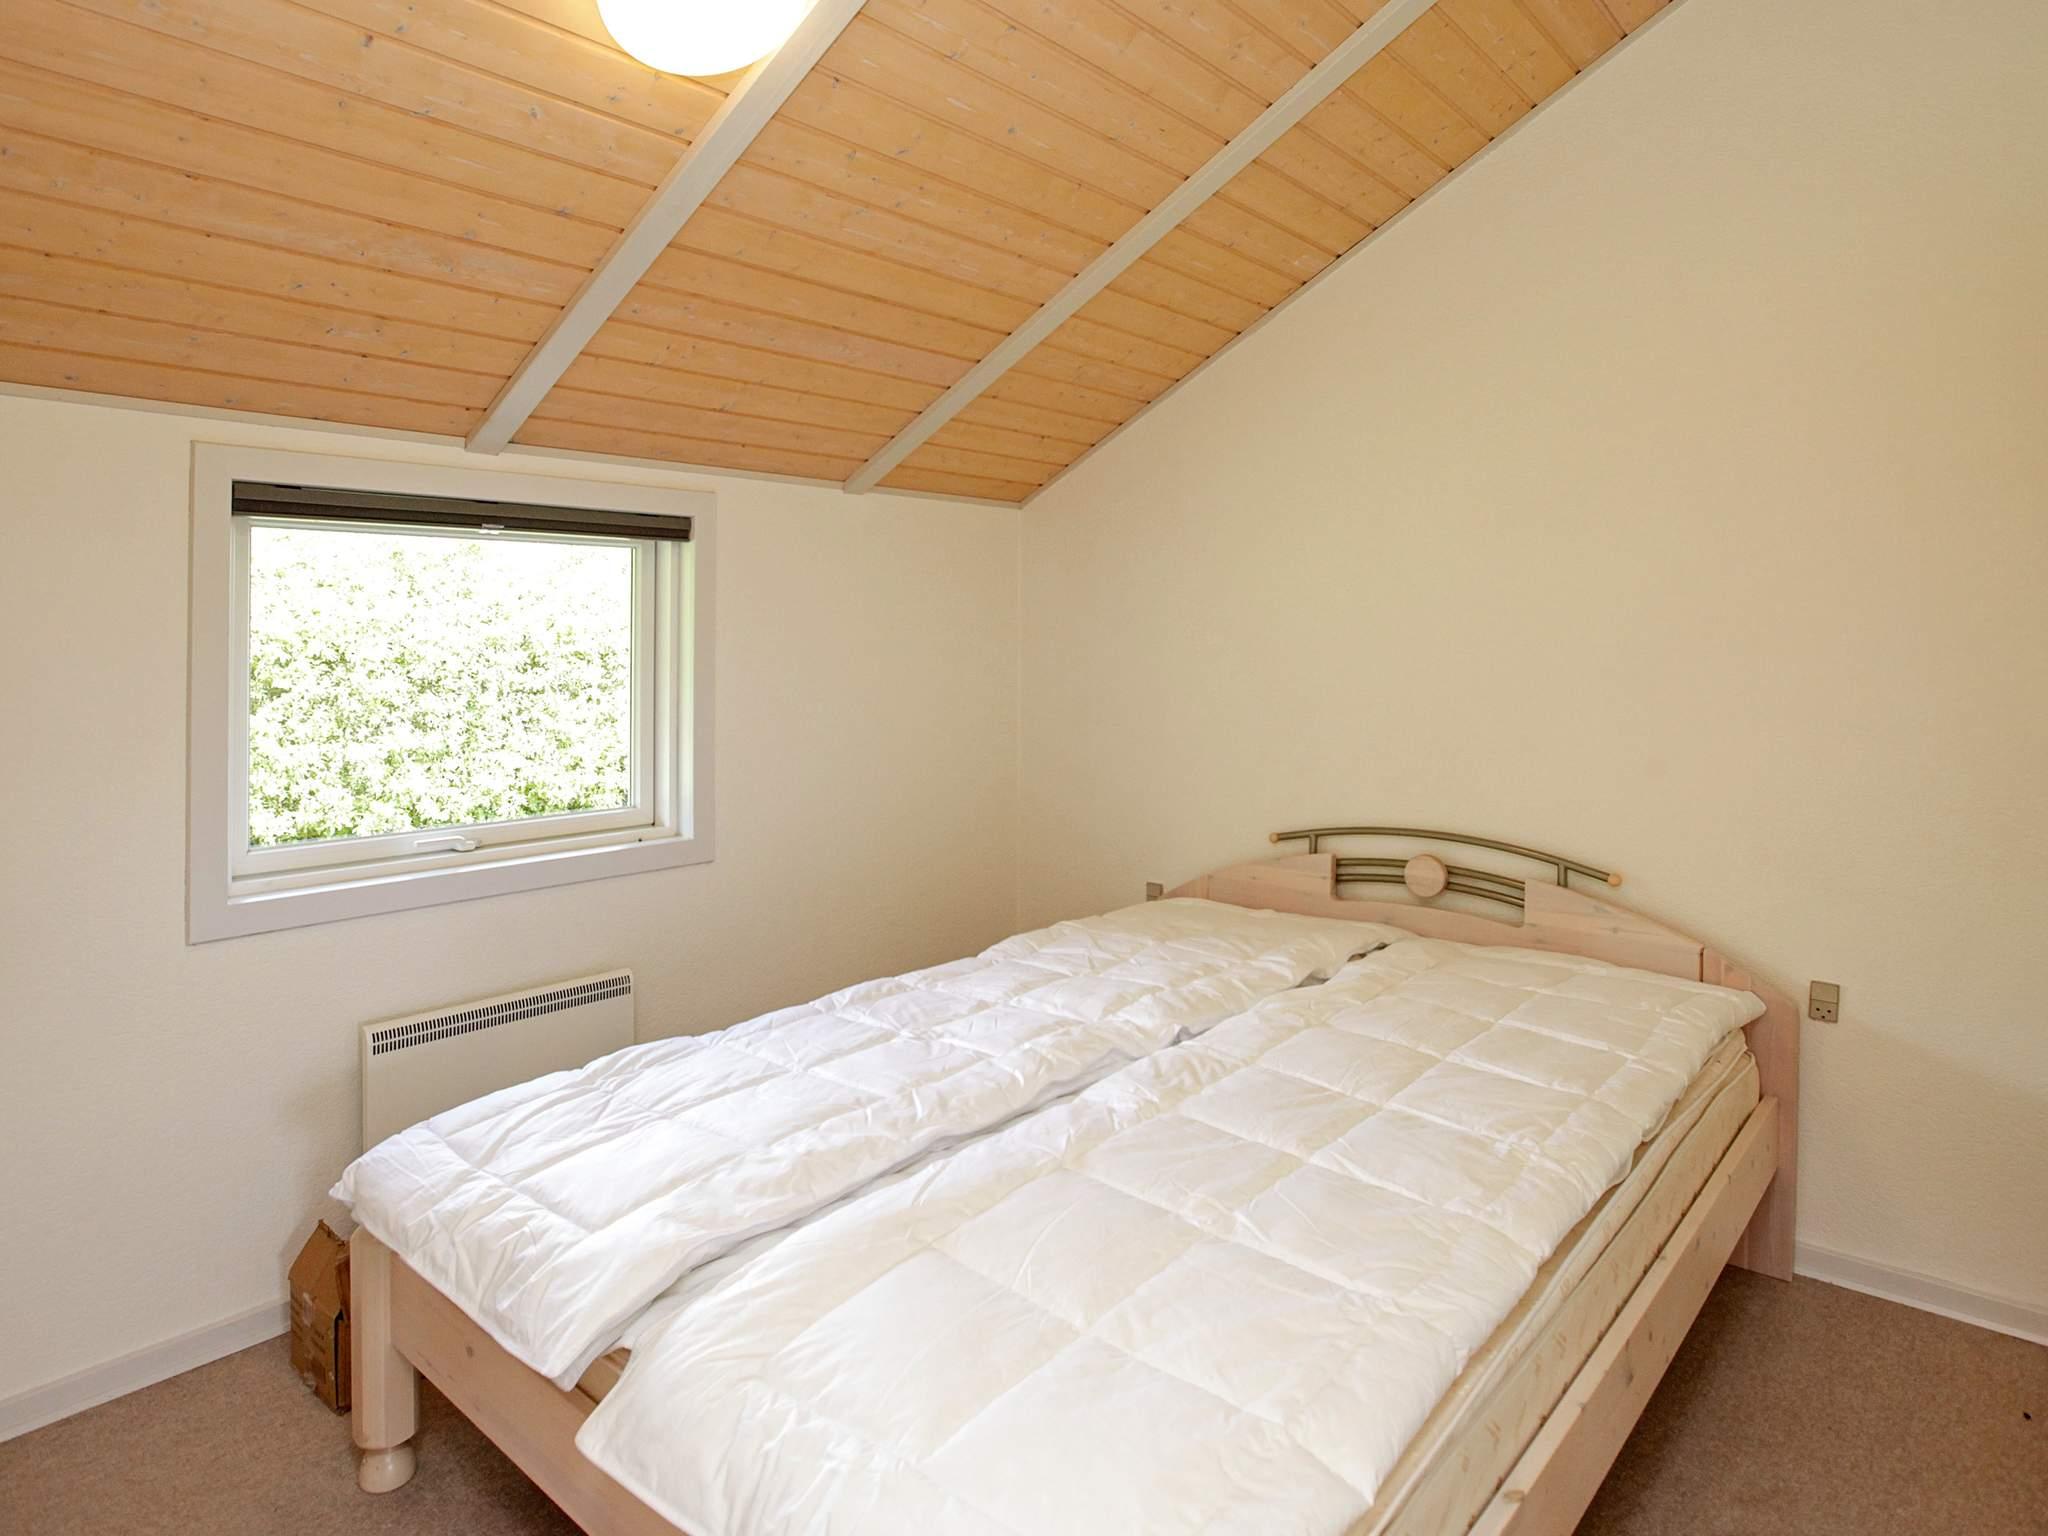 Ferienhaus Livbjerggård (2061541), Vinderup, , Westjütland, Dänemark, Bild 9